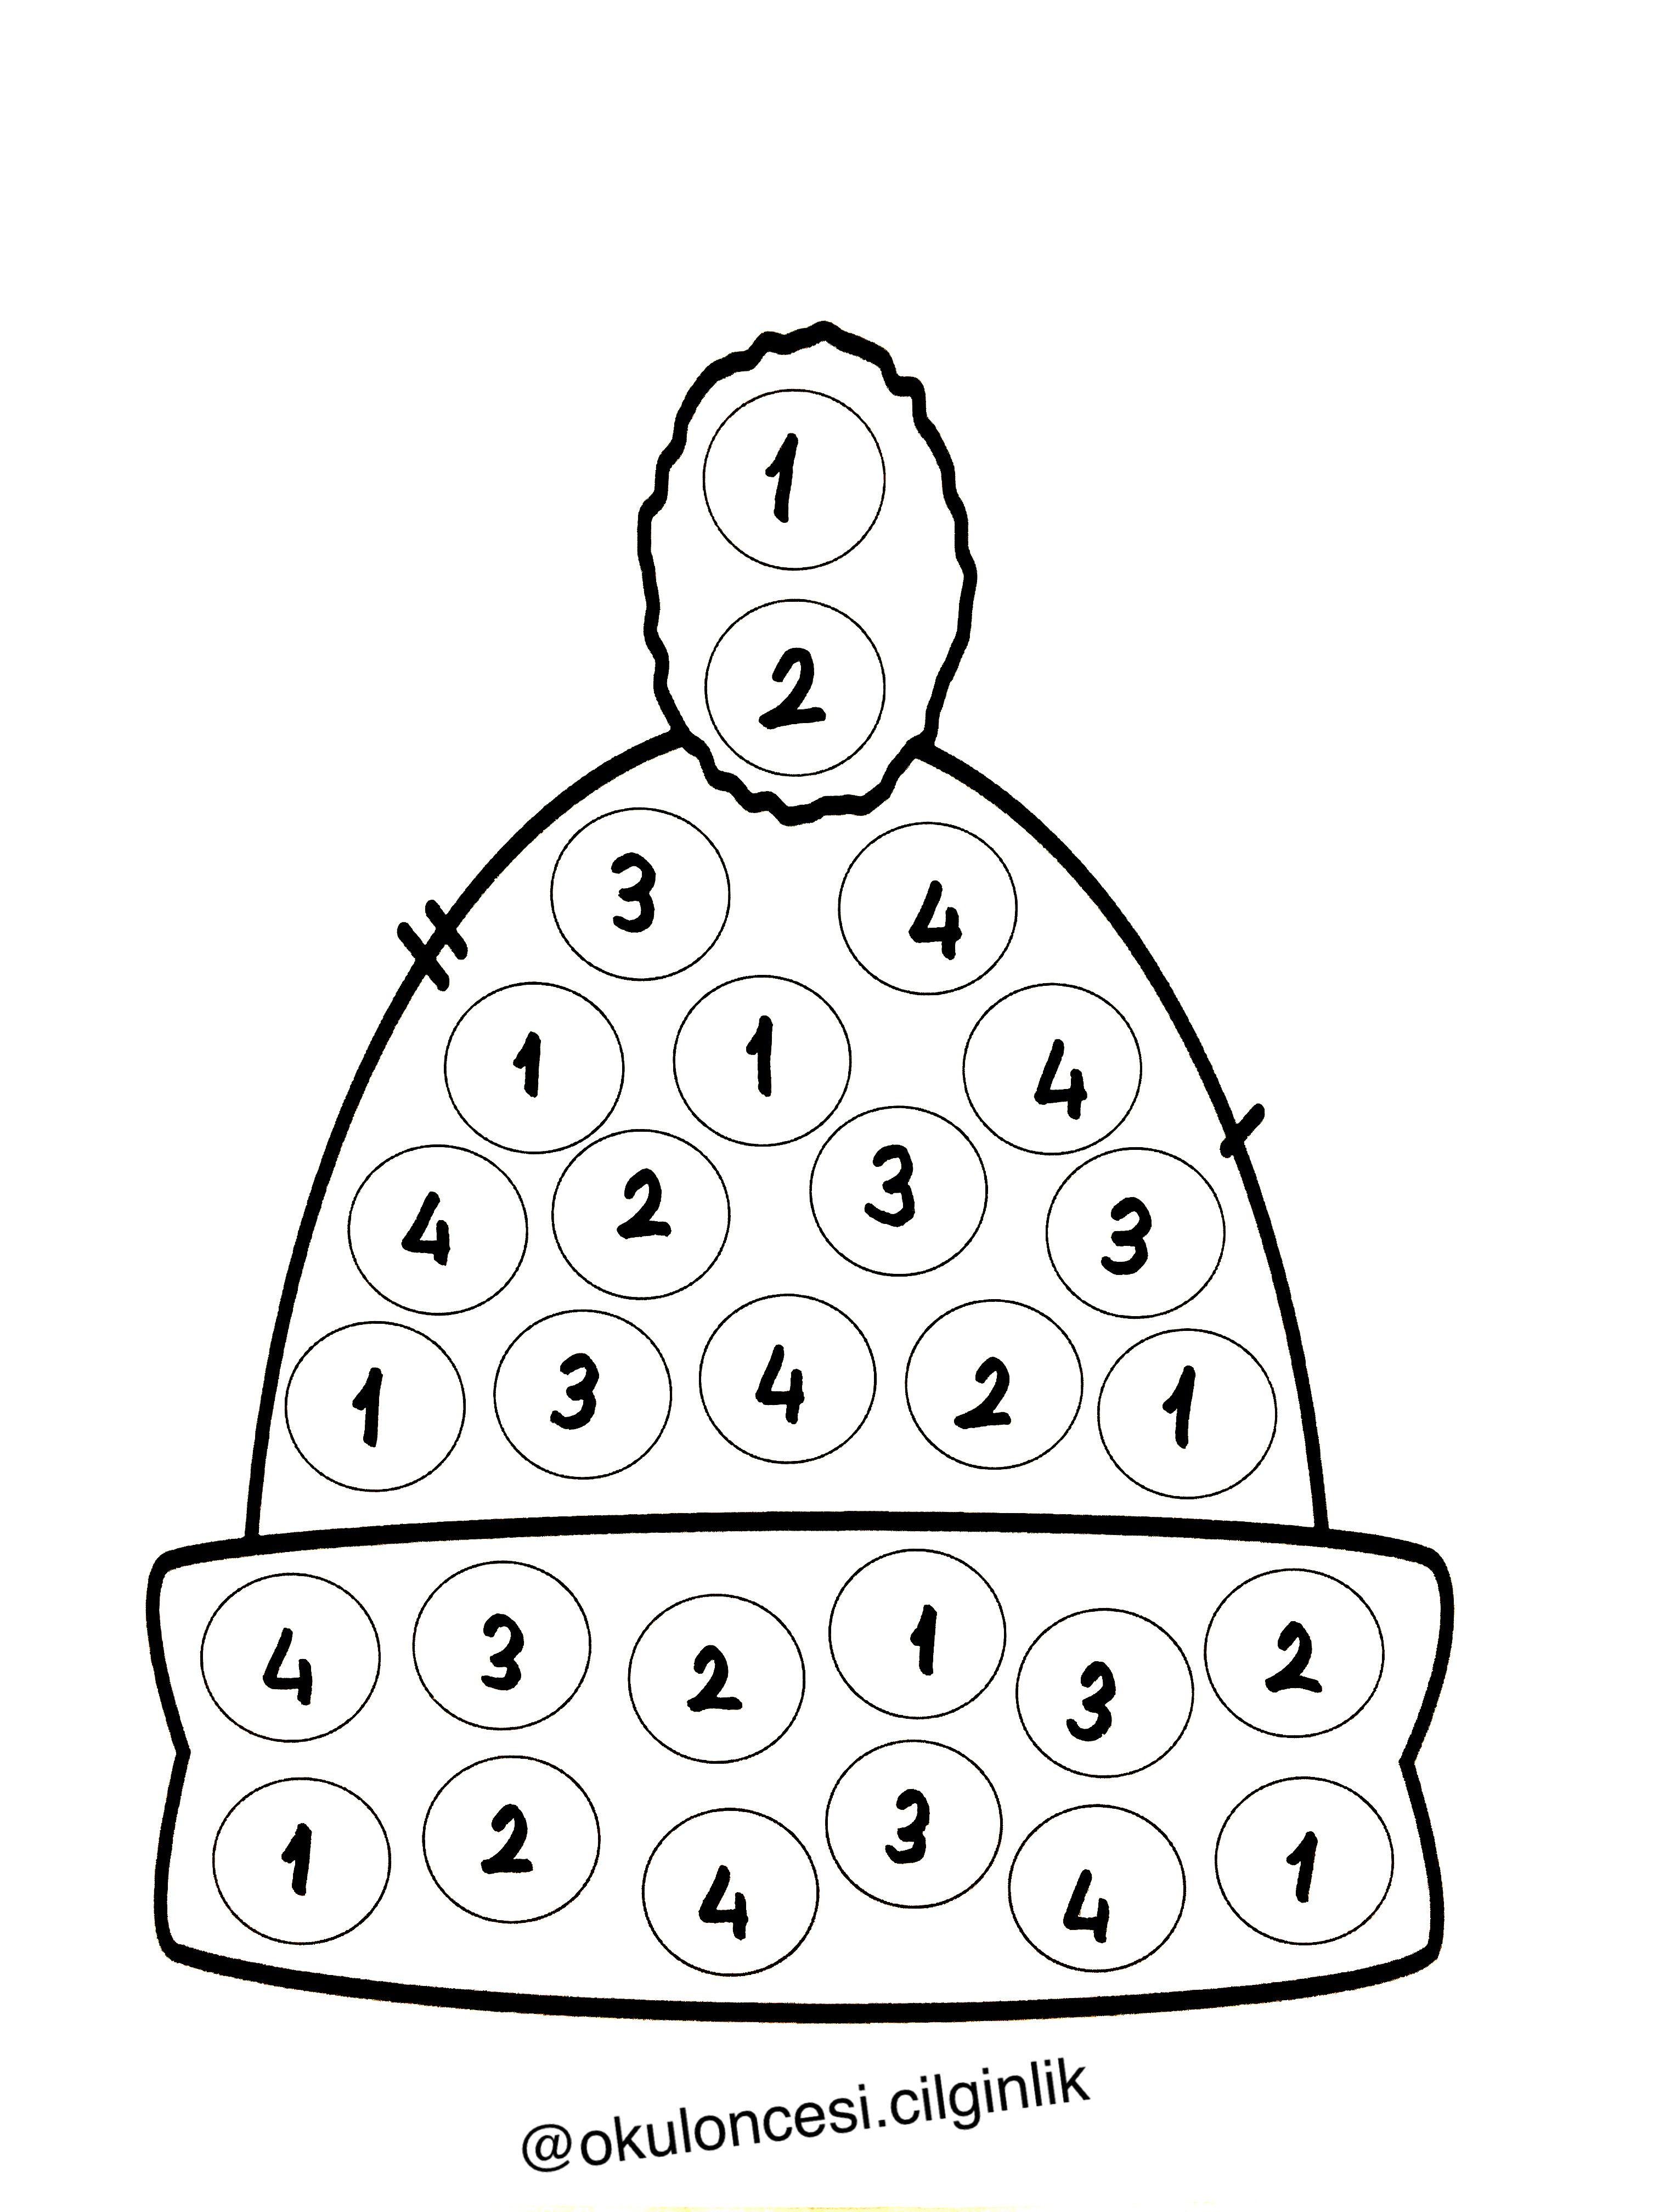 Matematik Egitici Calismalar Basak Unluer Ozberk Tarafindan